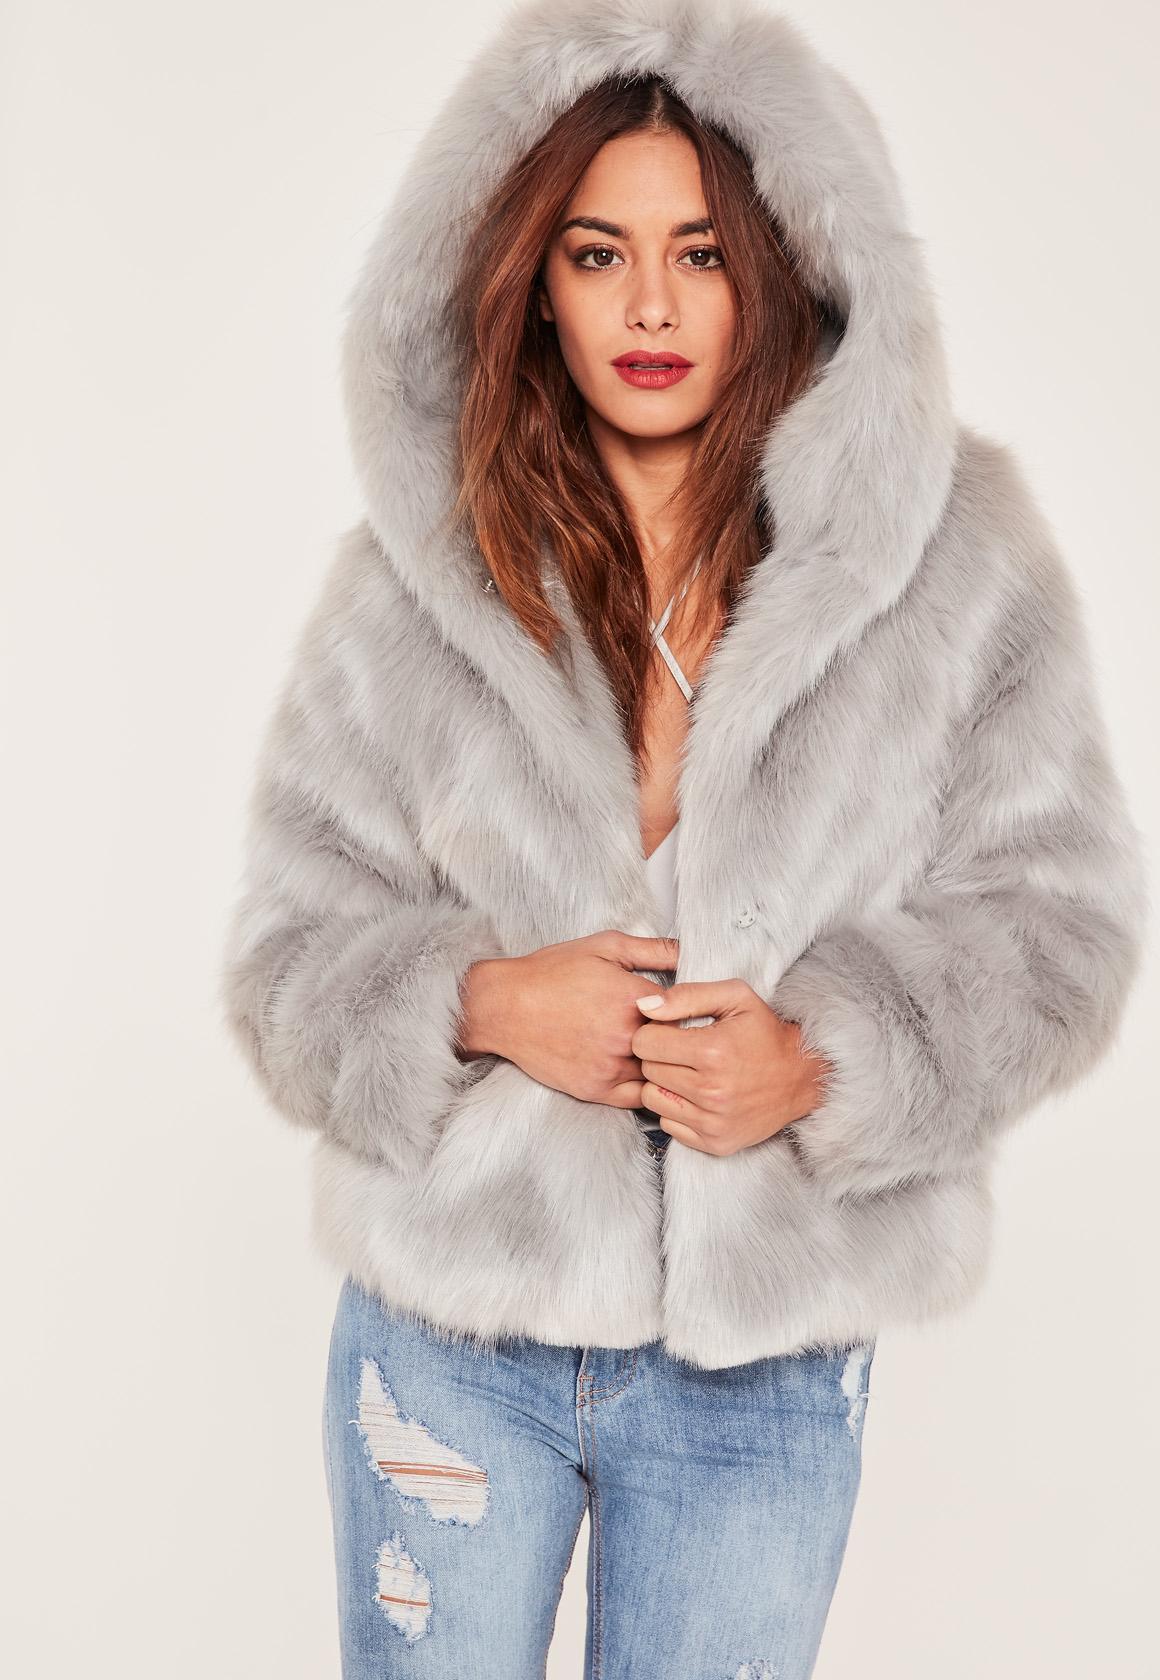 Top Manteau noir en fausse fourrure | Missguided DN11